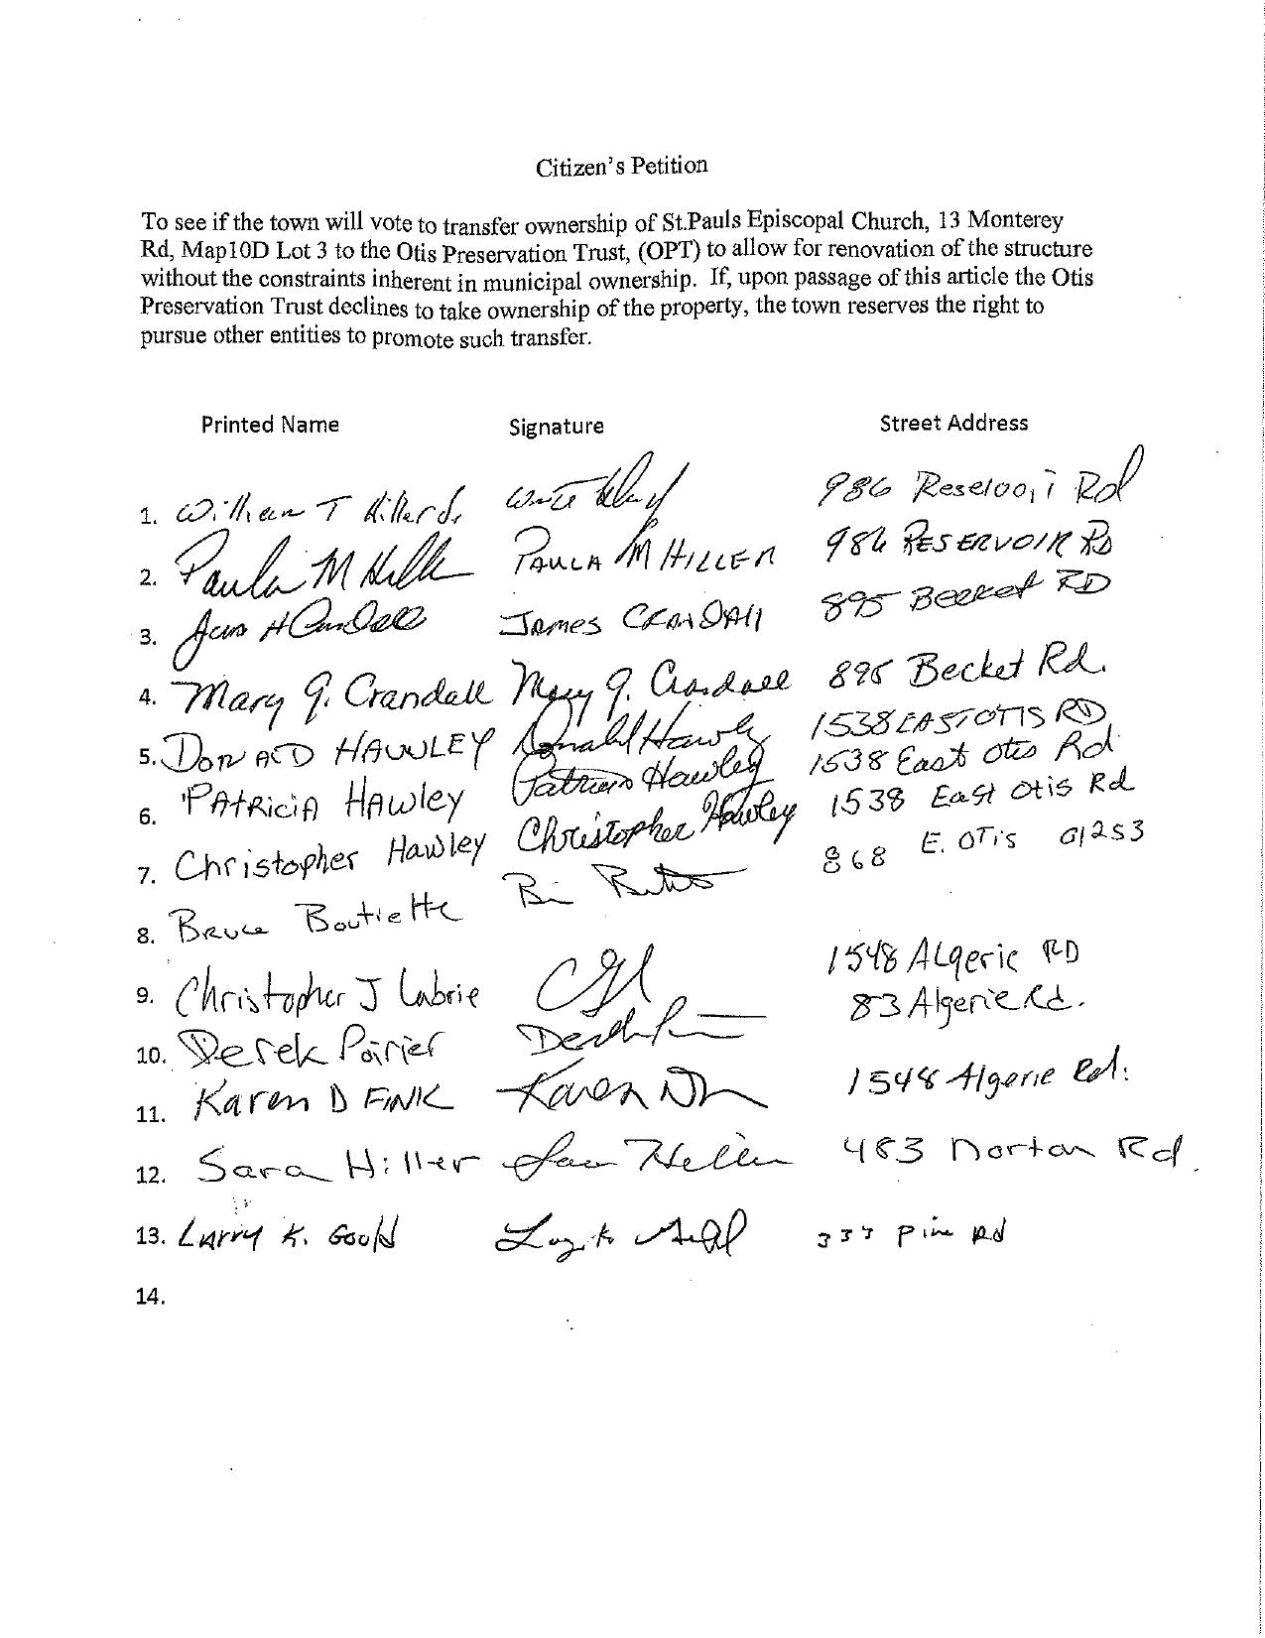 Otis Citizens' Petition St. Paul's Episcopal Church